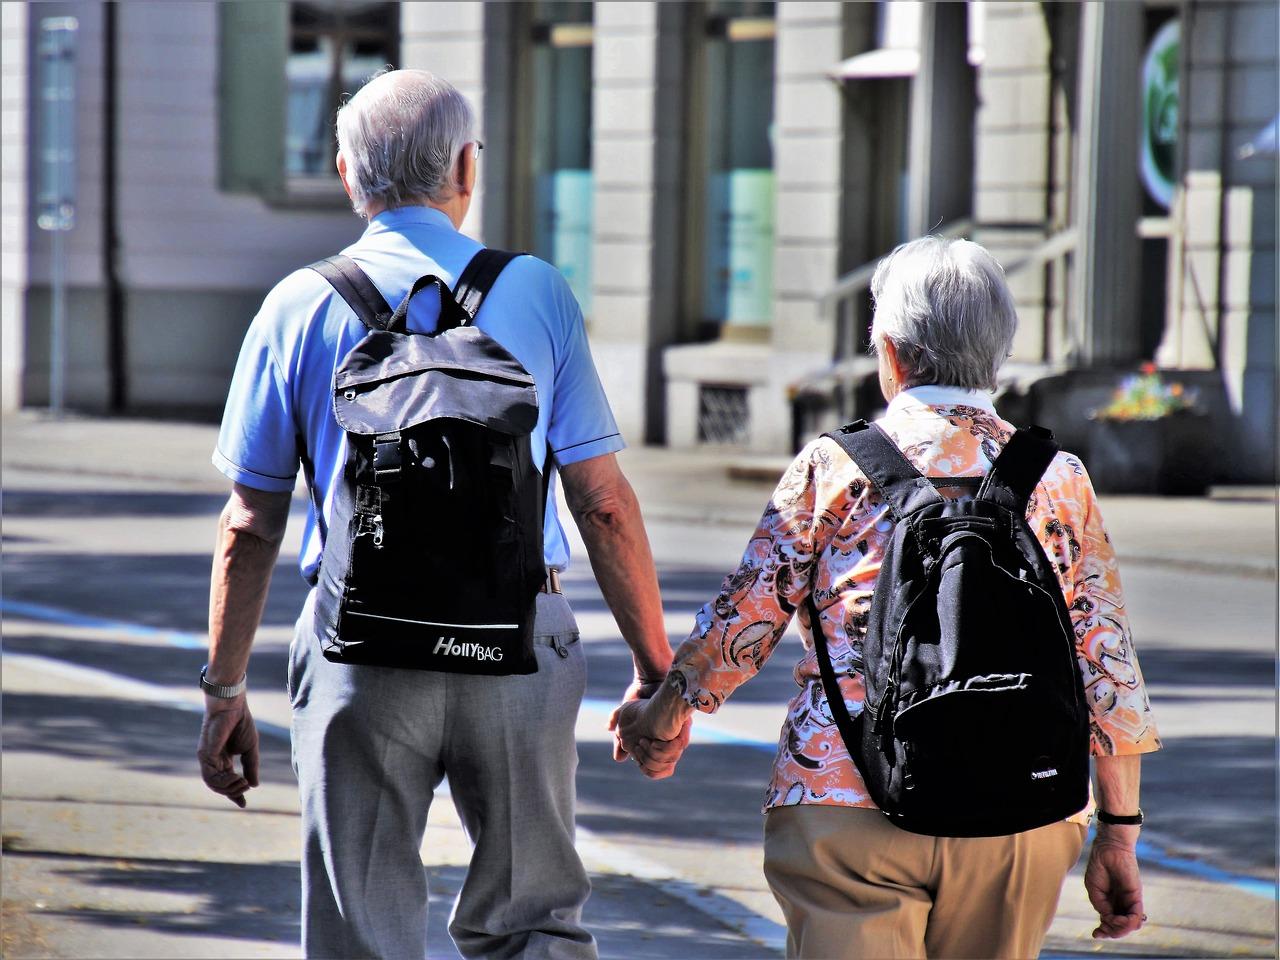 Im Ruhestand der Langeweile mit einem Städtetrip entgegenwirken